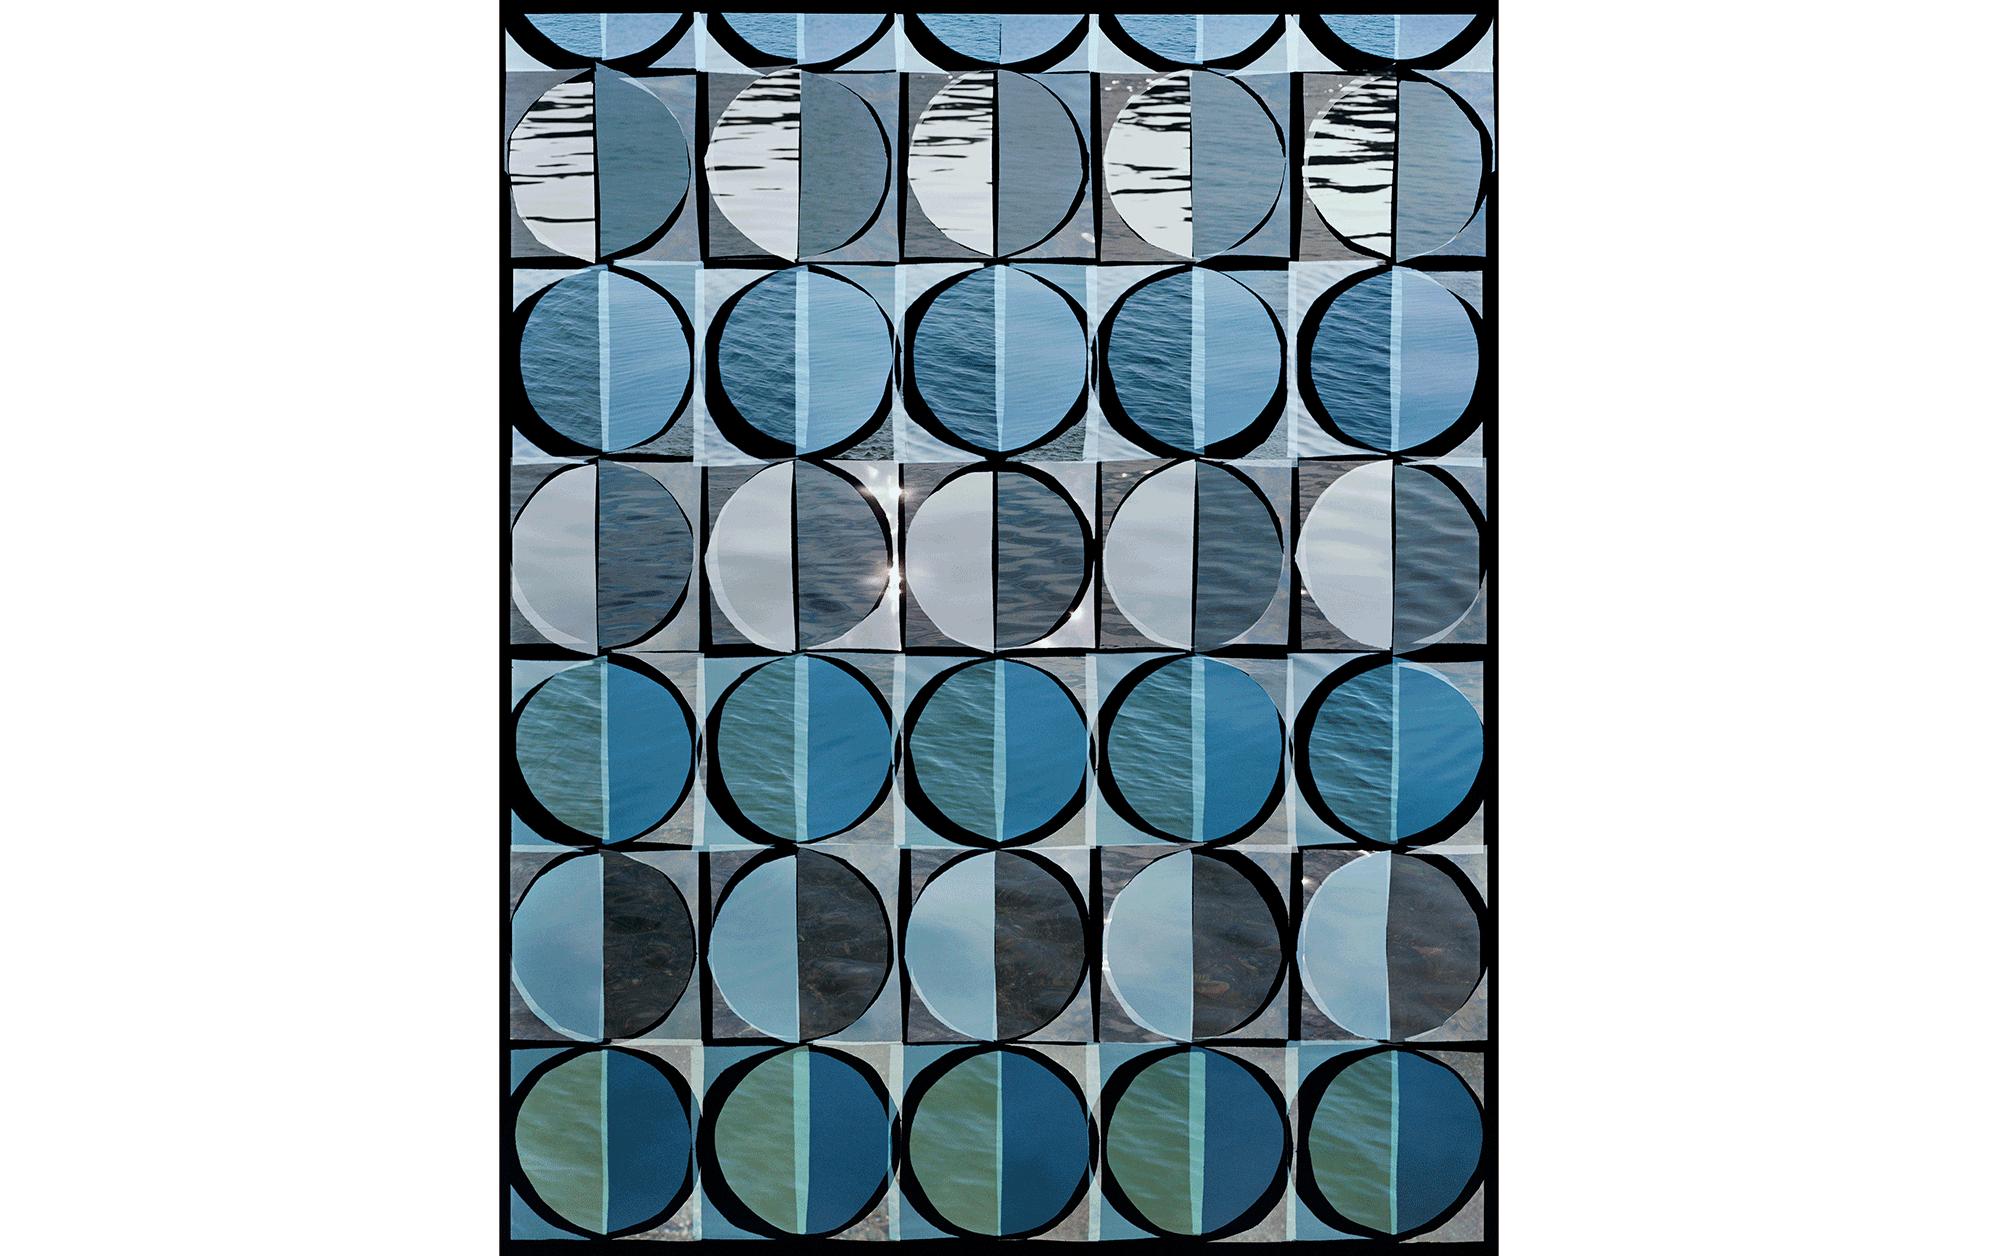 ハナ・ウィタカー「非連続する写真群が引き上げる写真表現の限界」 | Water Water Water, 2013